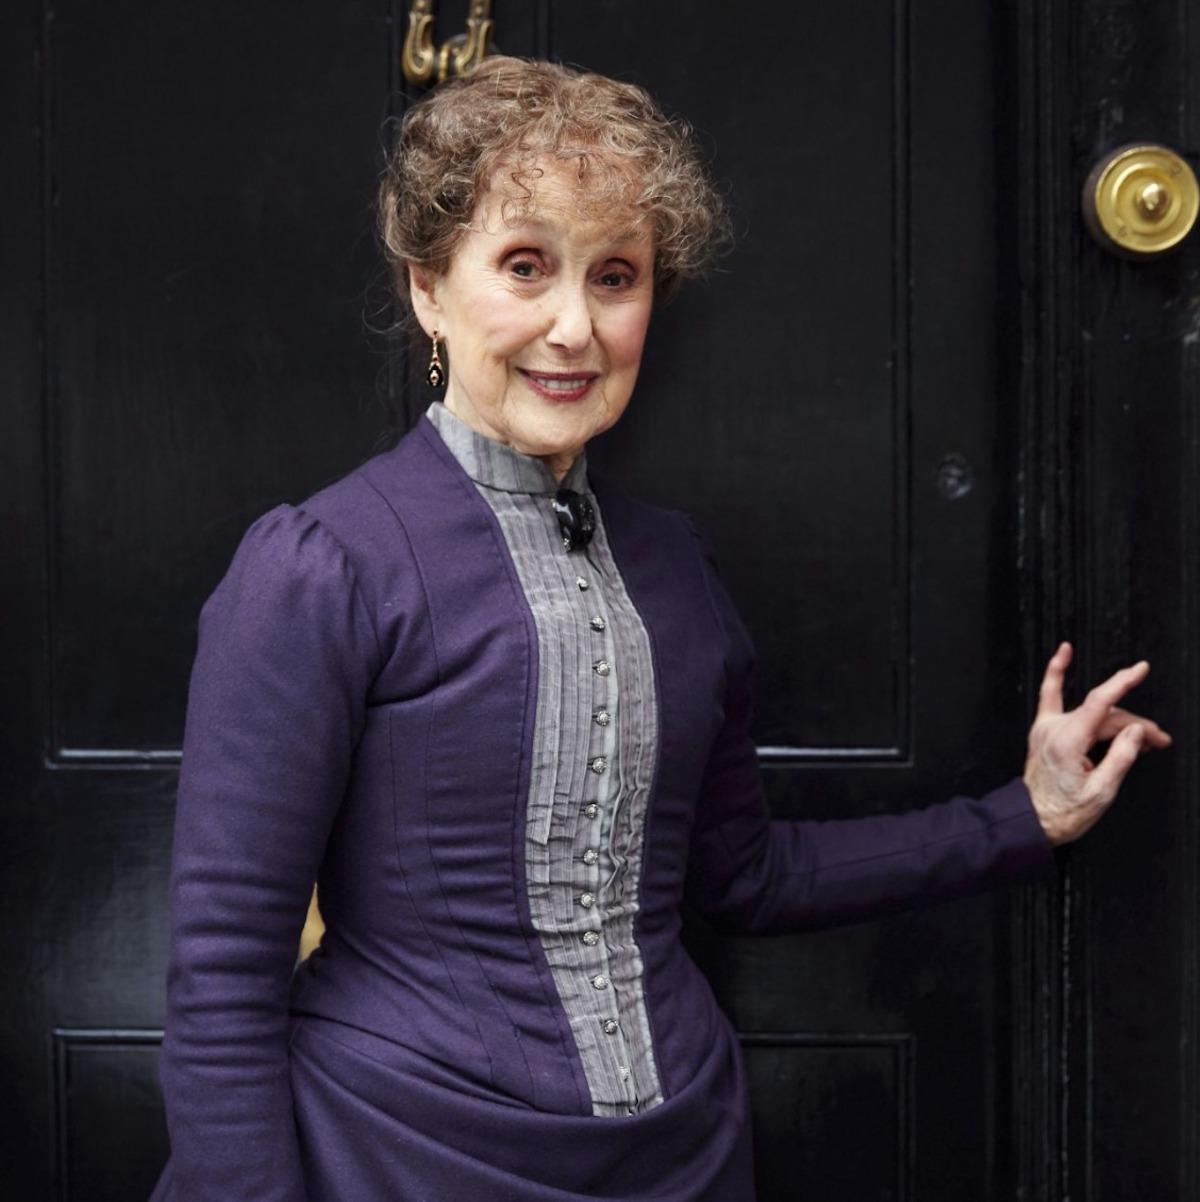 una stubbs morta attrice mrs hudson